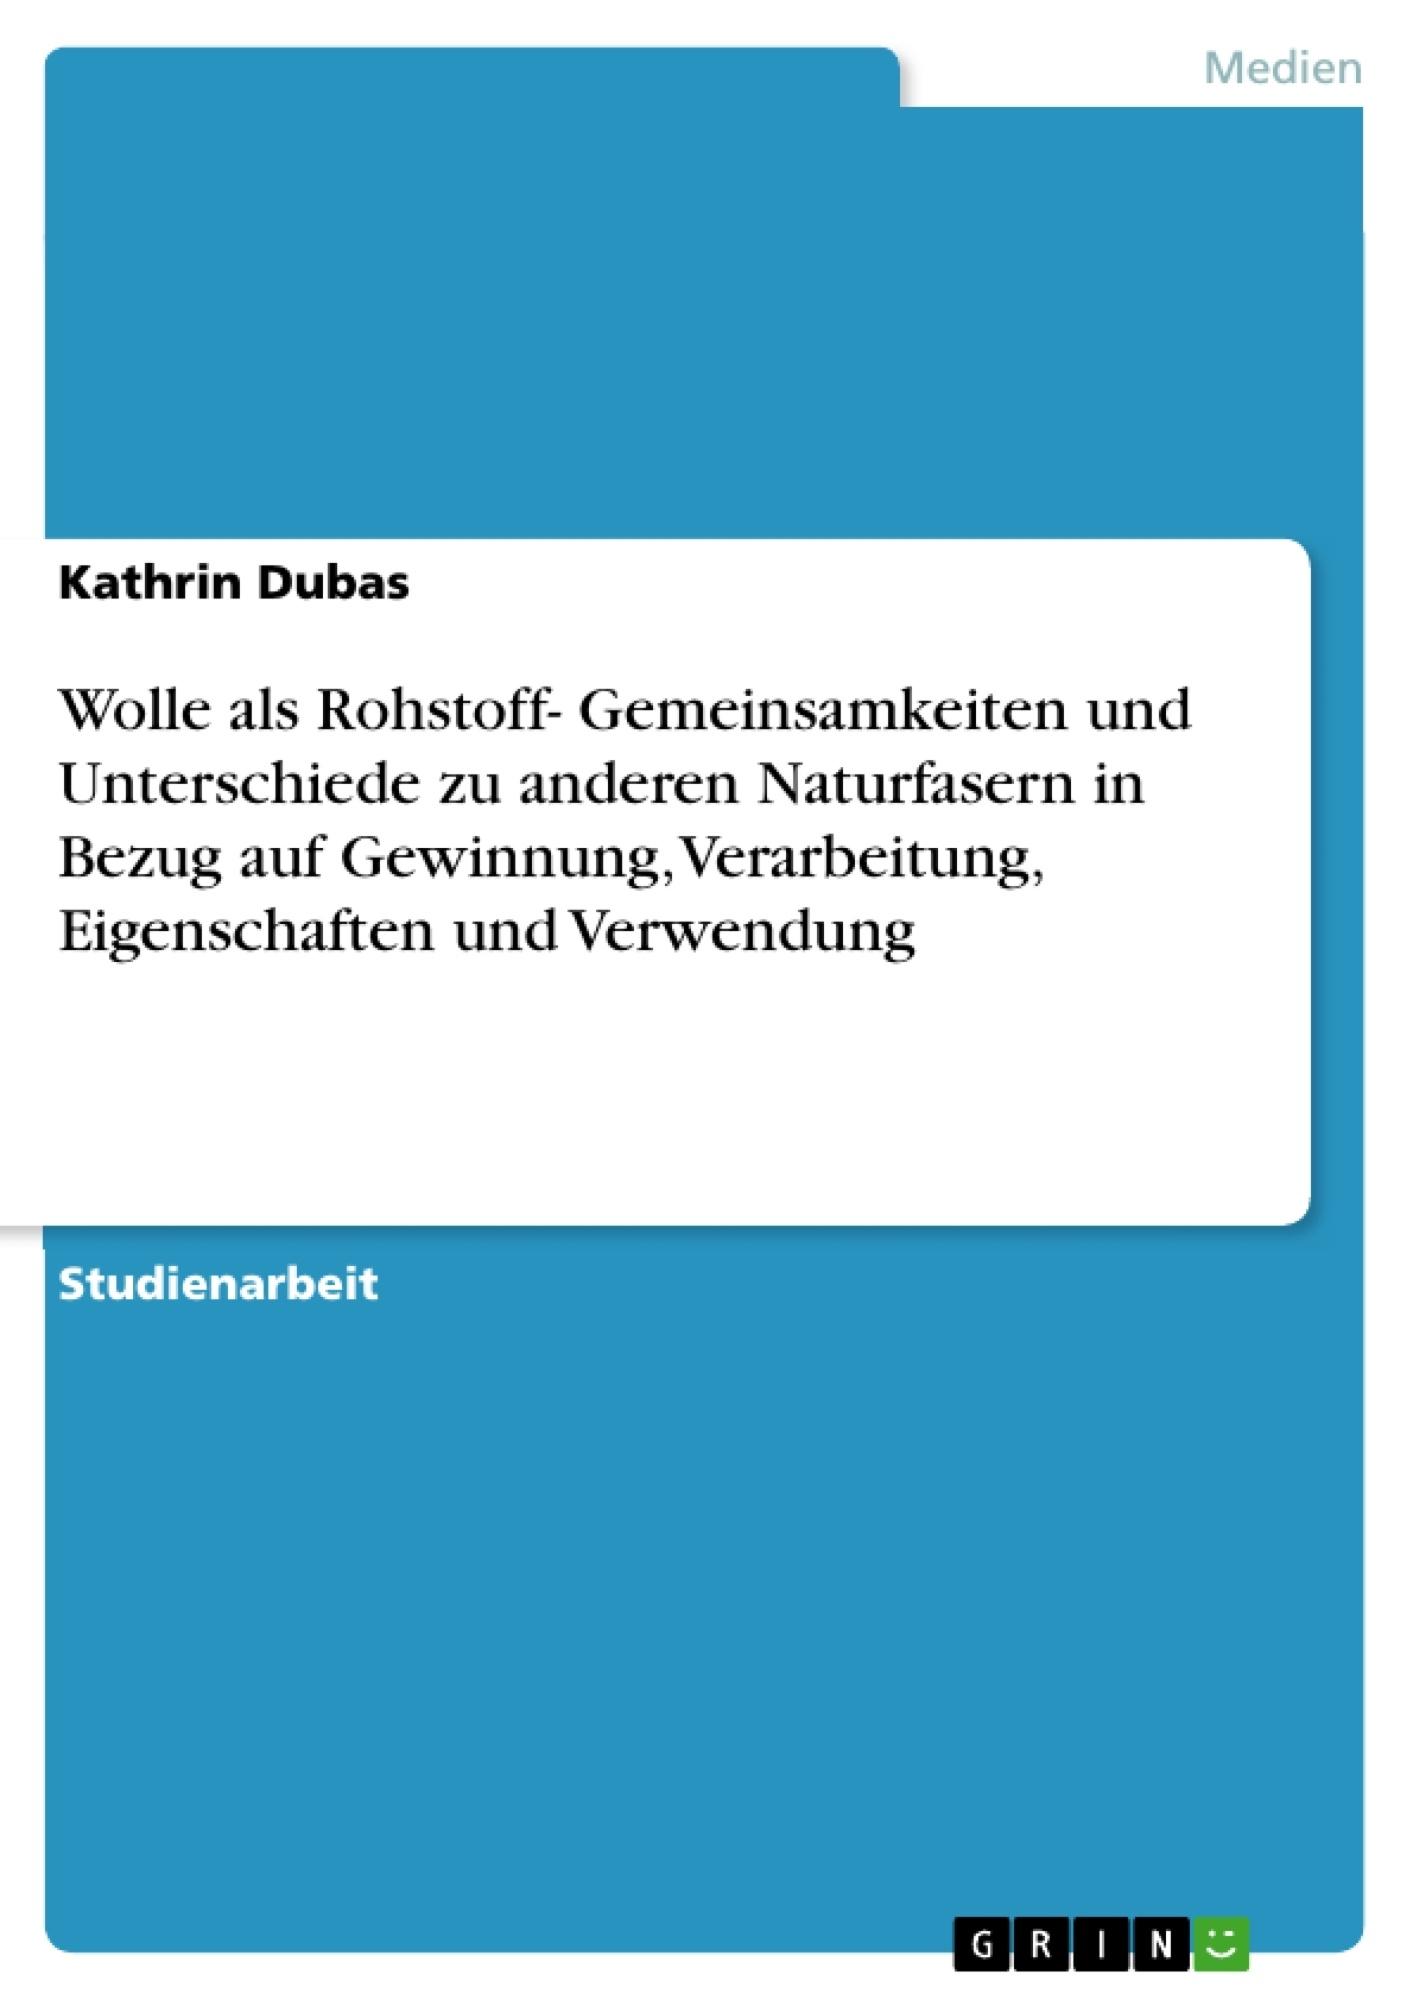 Titel: Wolle als Rohstoff- Gemeinsamkeiten und Unterschiede zu anderen Naturfasern in Bezug auf Gewinnung, Verarbeitung, Eigenschaften und Verwendung